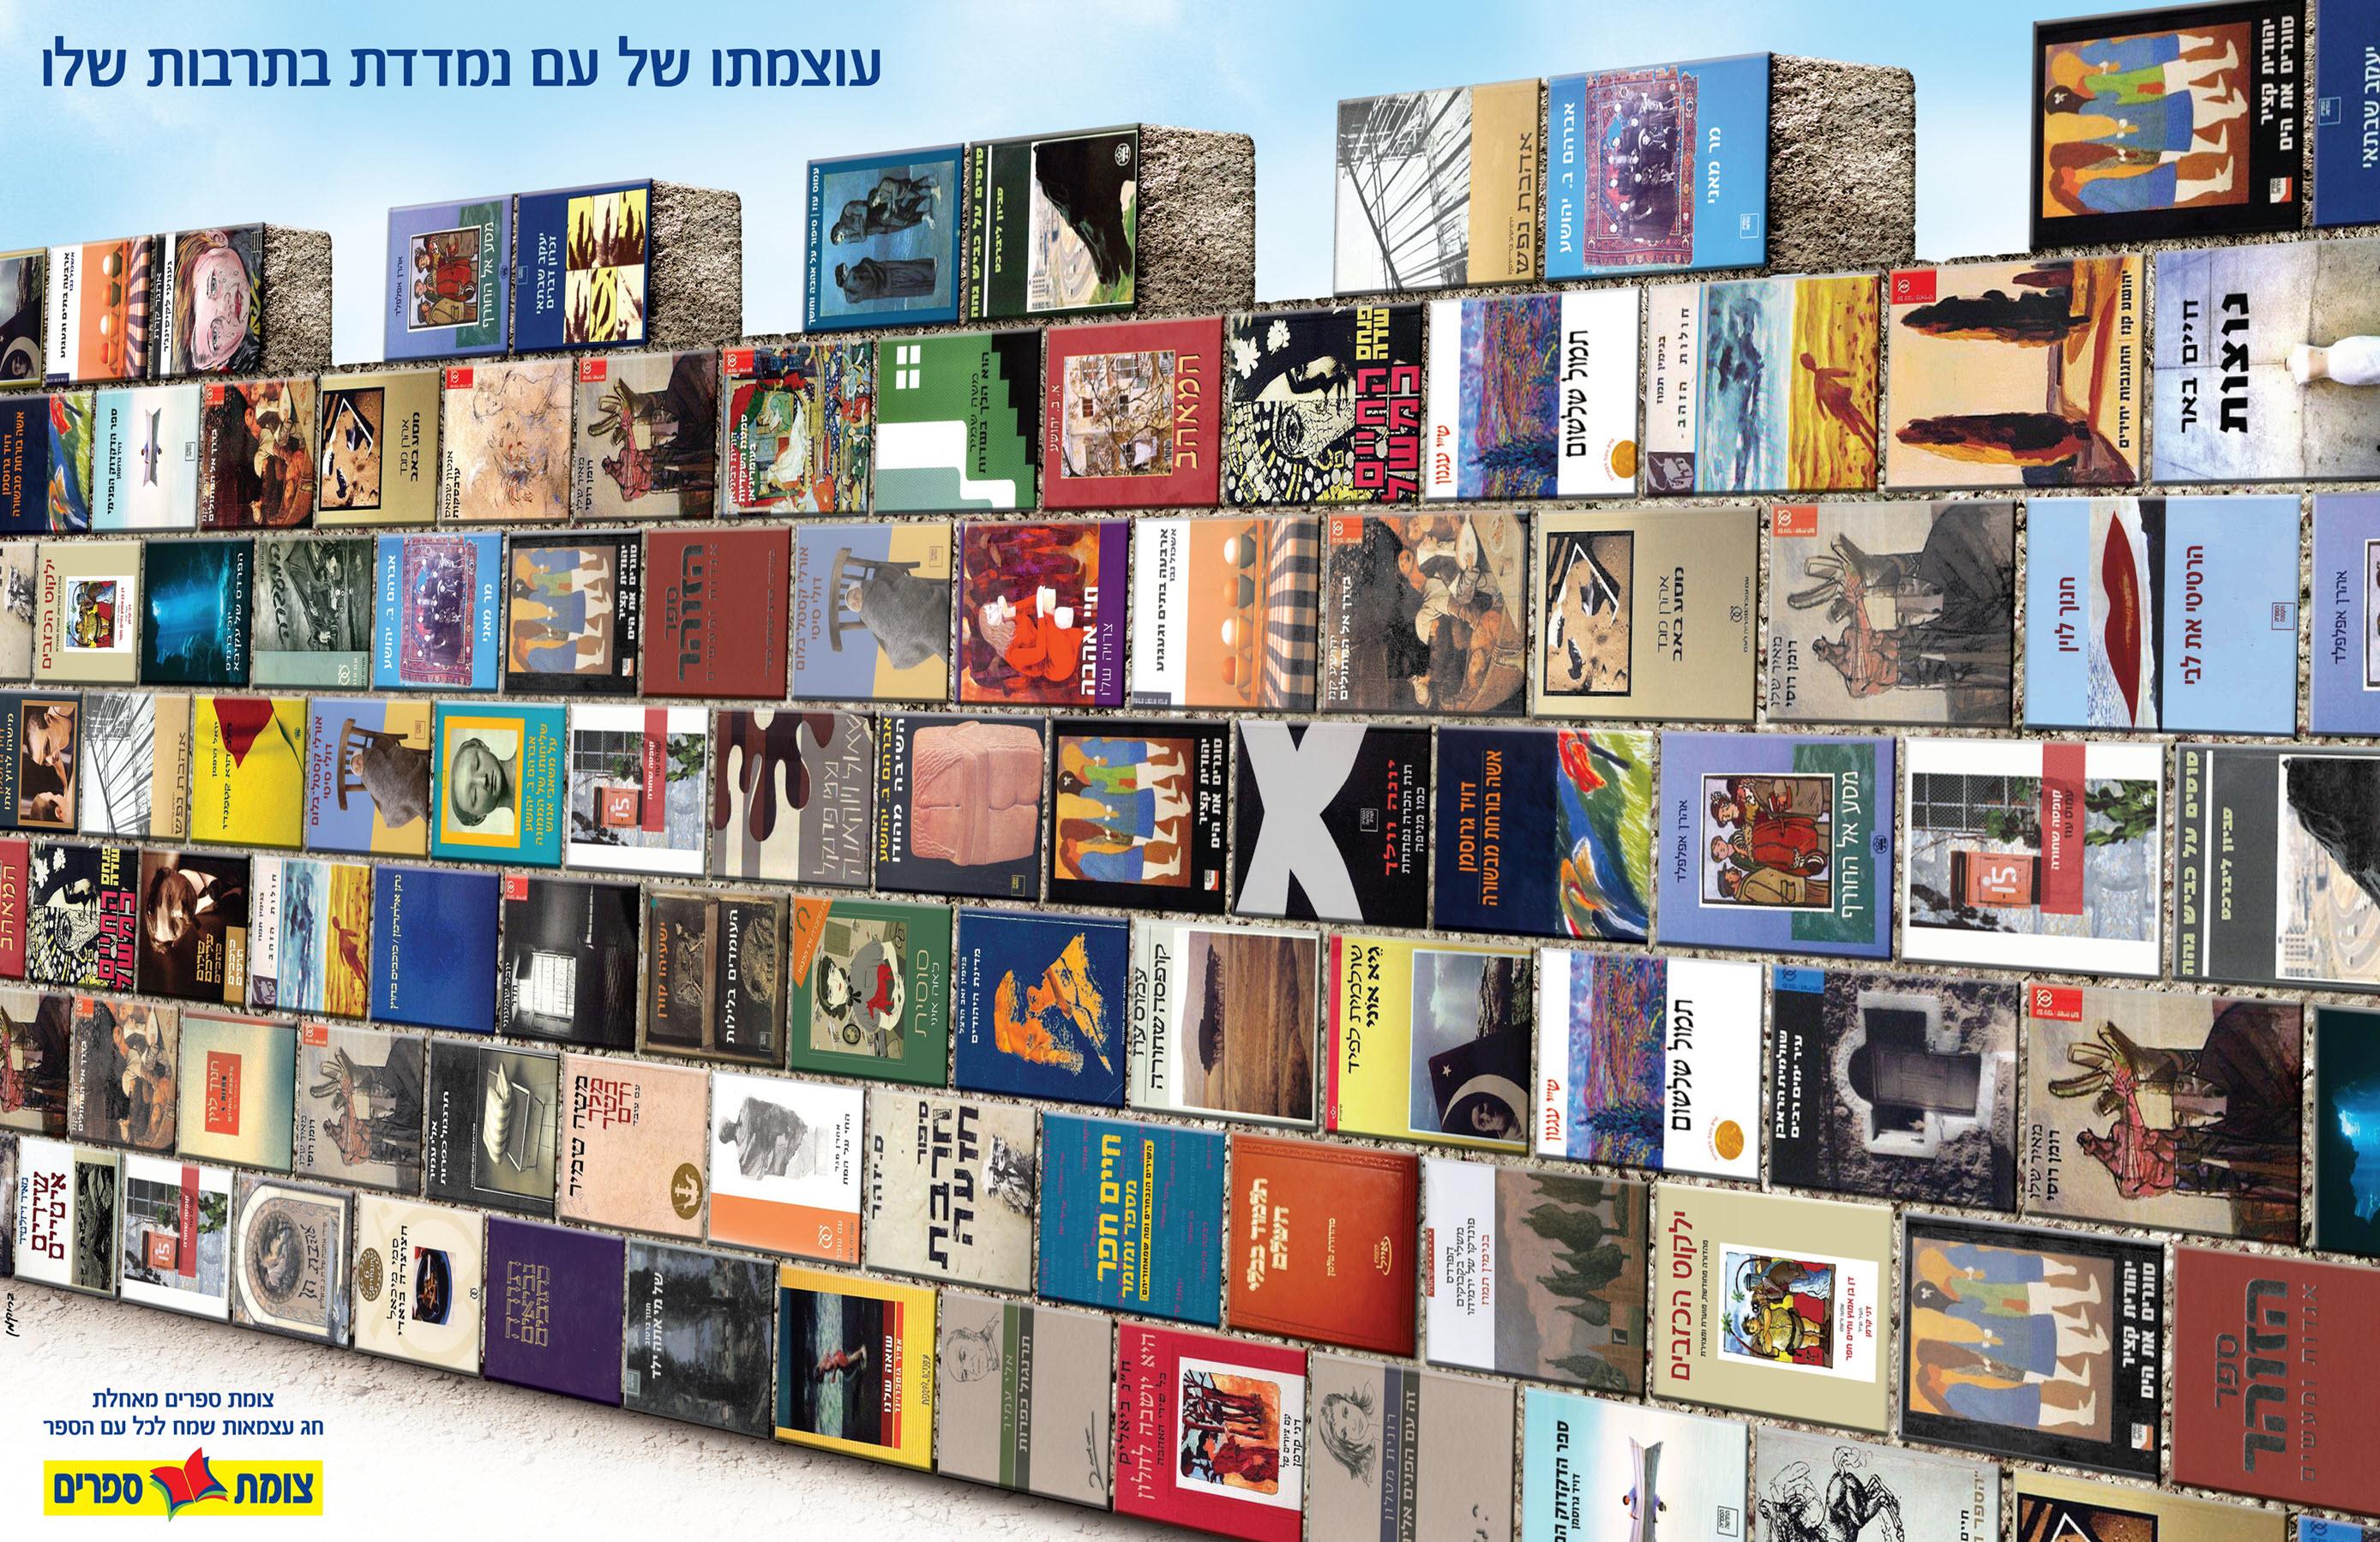 צומת ספרים - עוצמתו של עם נמדדת בתרבות שלו